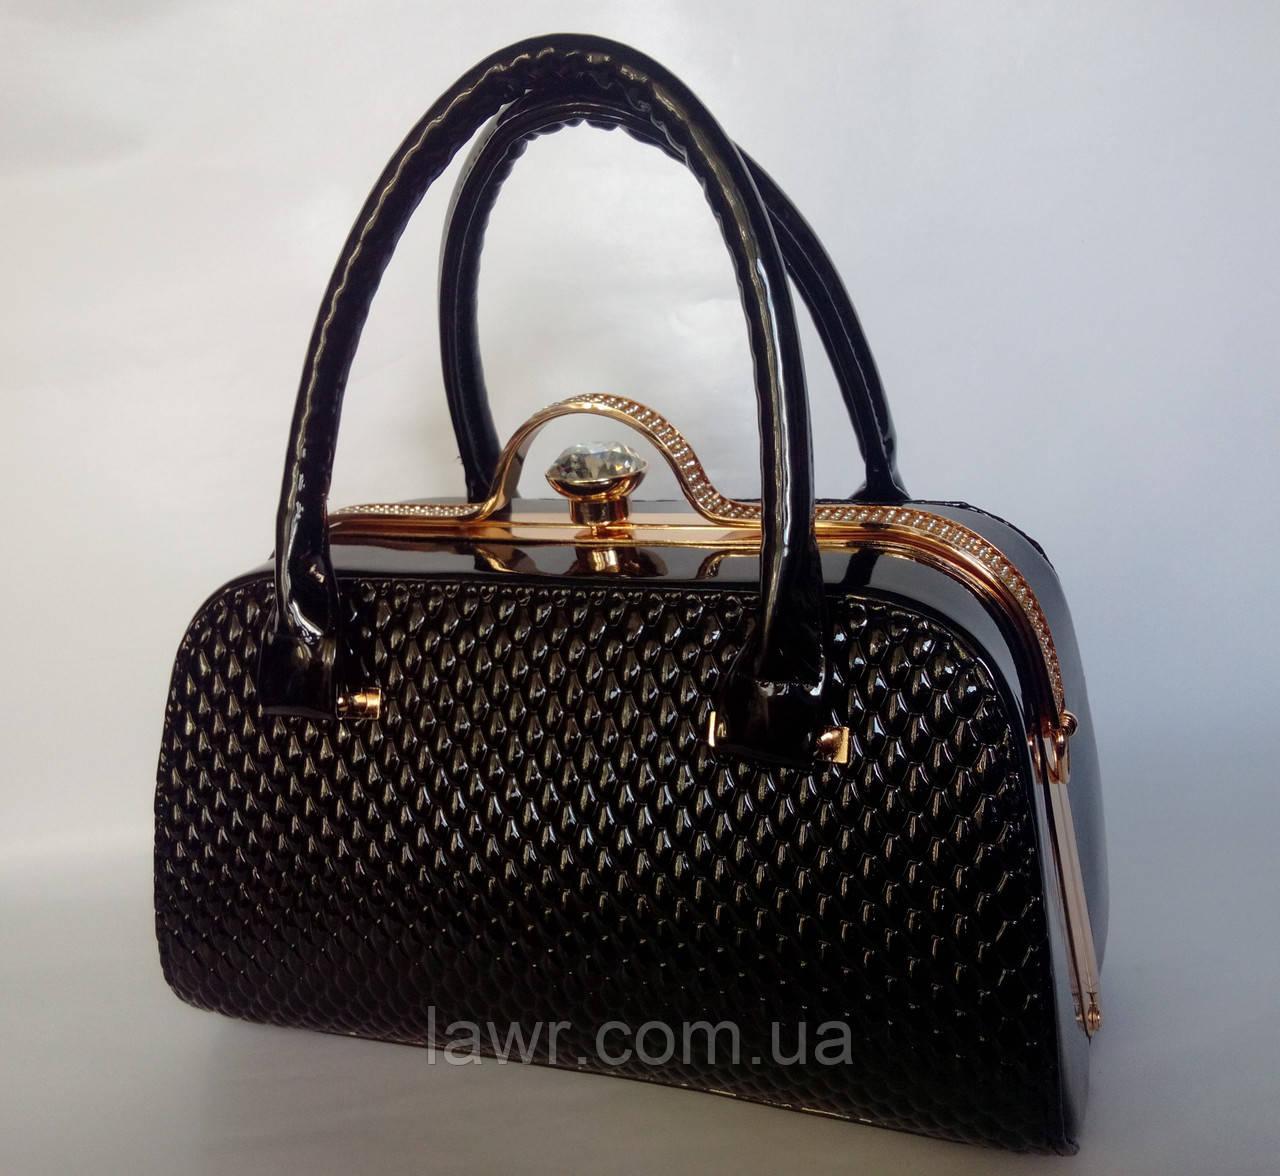 67d45ecf26d5 Стильная, лаковая женская сумка, саквояж, Willow, 007414: продажа ...